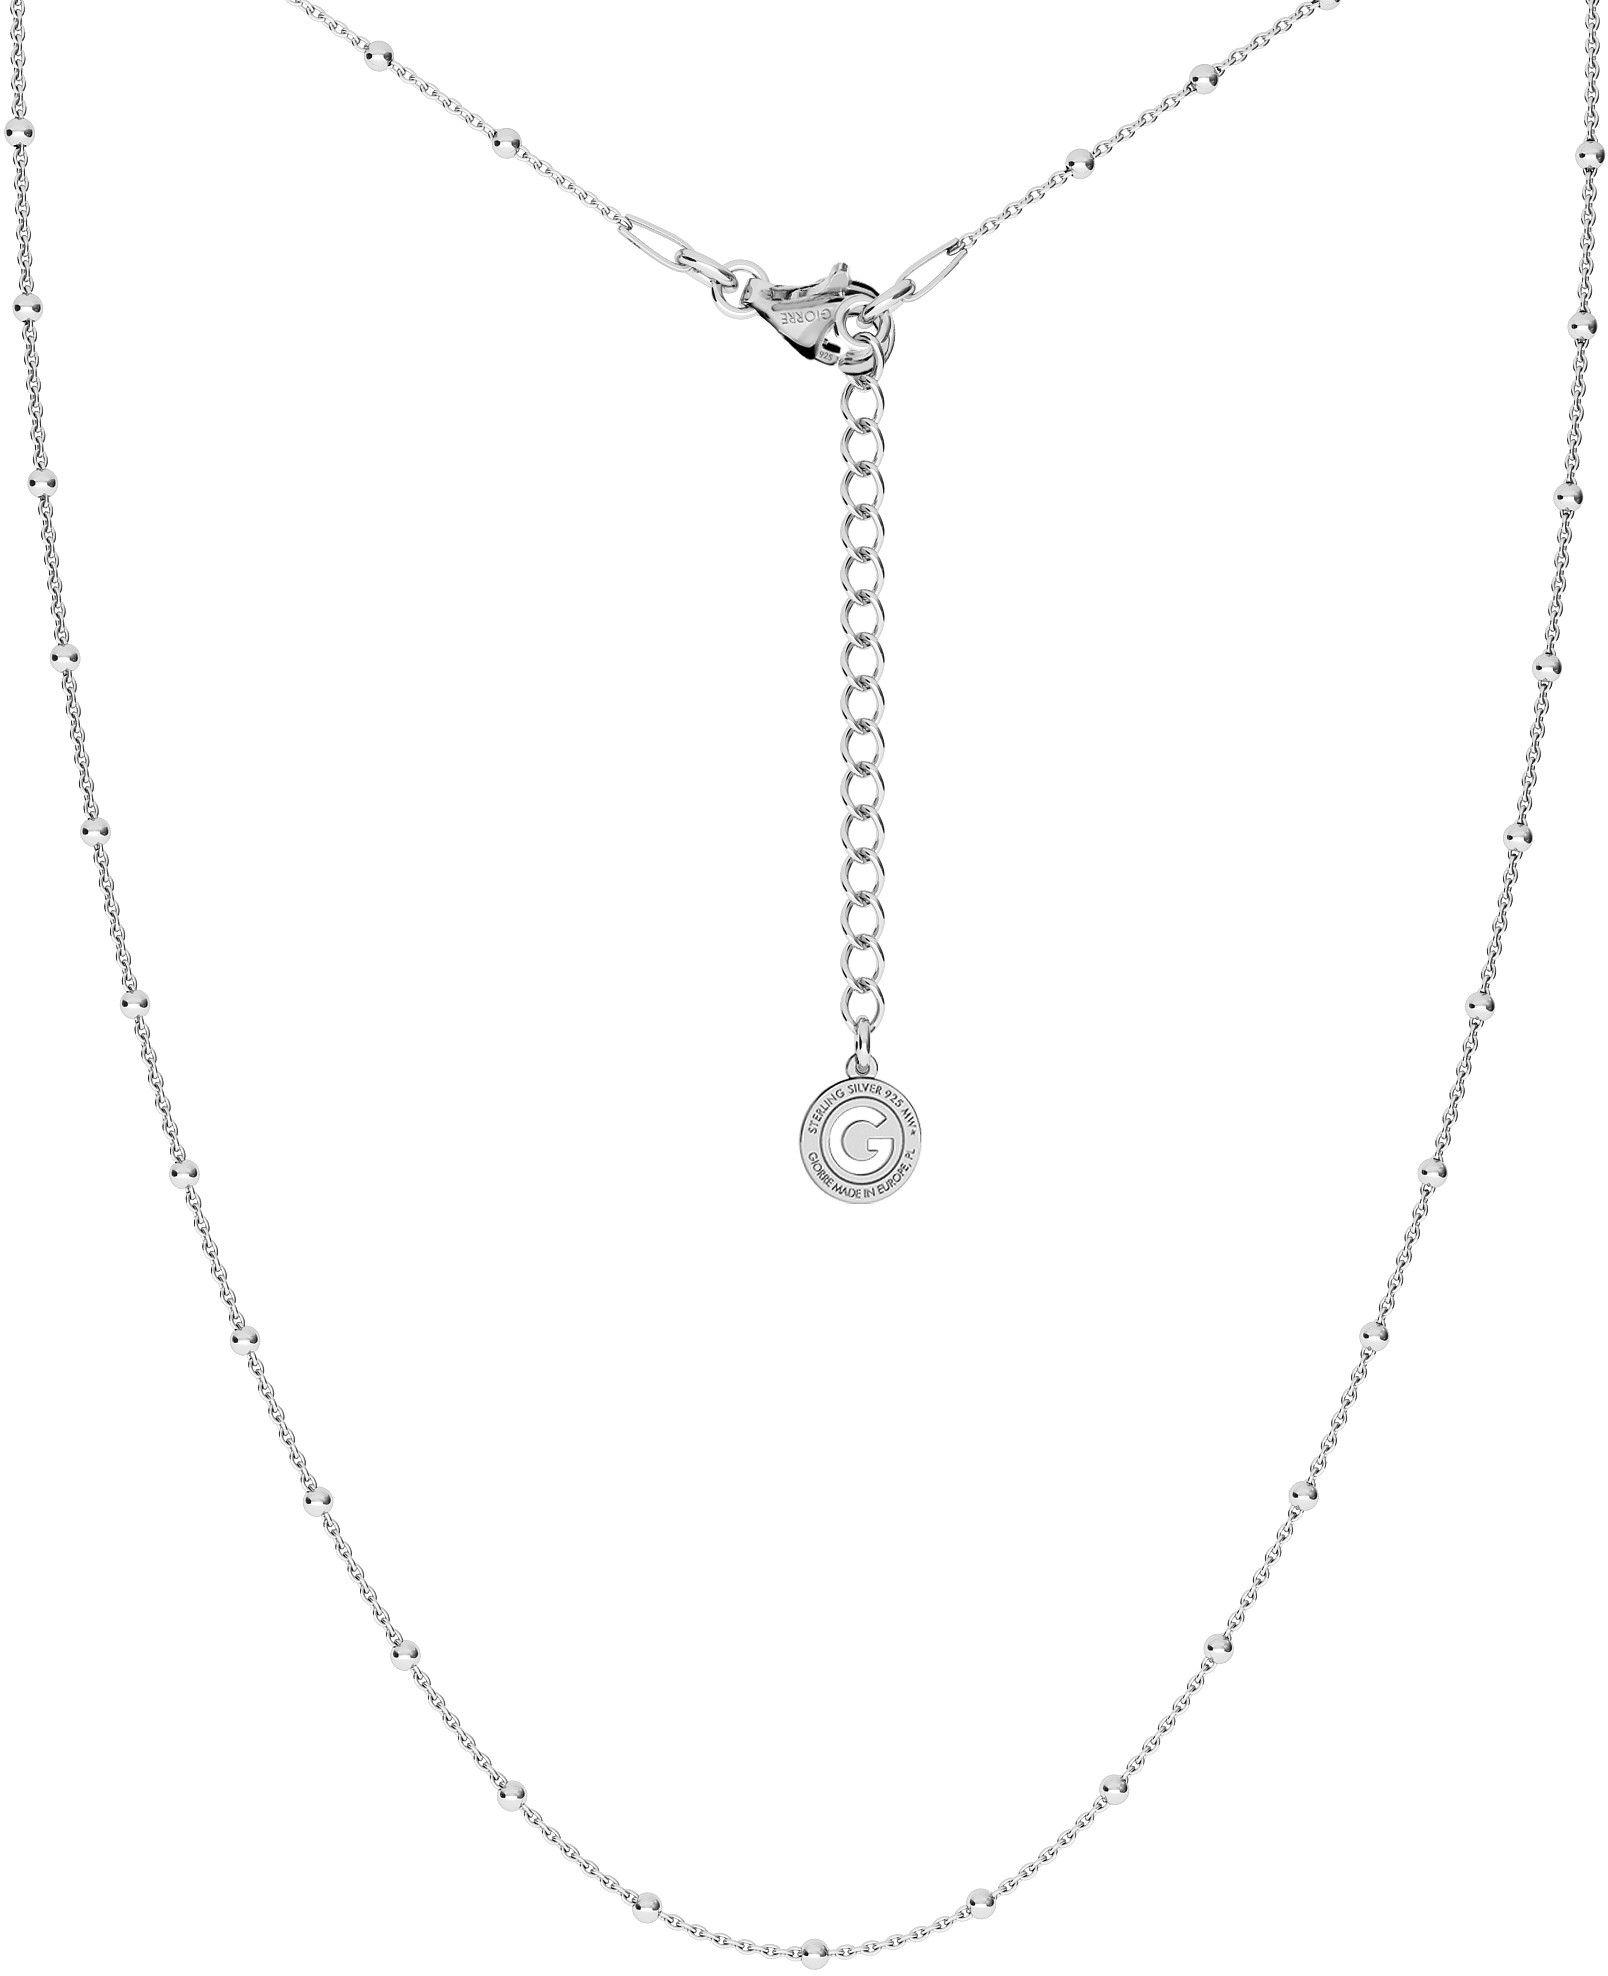 Srebrny delikatny łańcuszek ankier z kulkami, srebro 925 : Długość (cm) - 40 + 5 , Srebro - kolor pokrycia - Pokrycie platyną